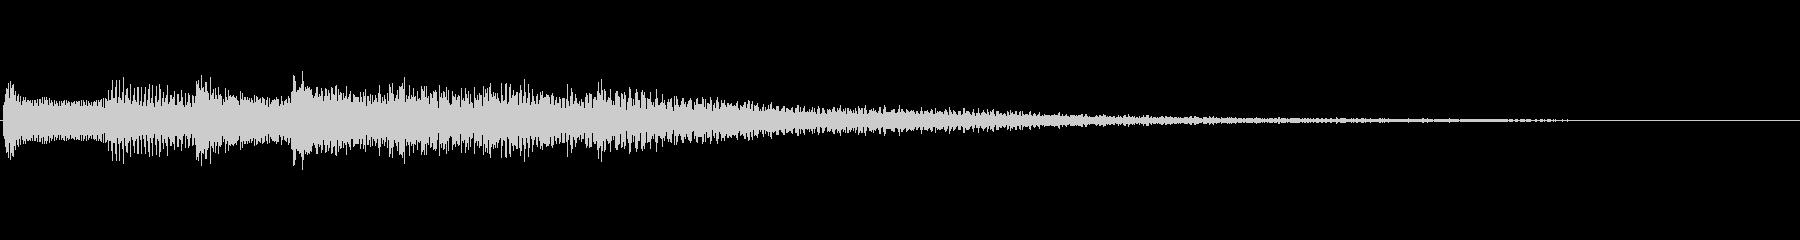 【生演奏】心優しいピアノジングルの未再生の波形